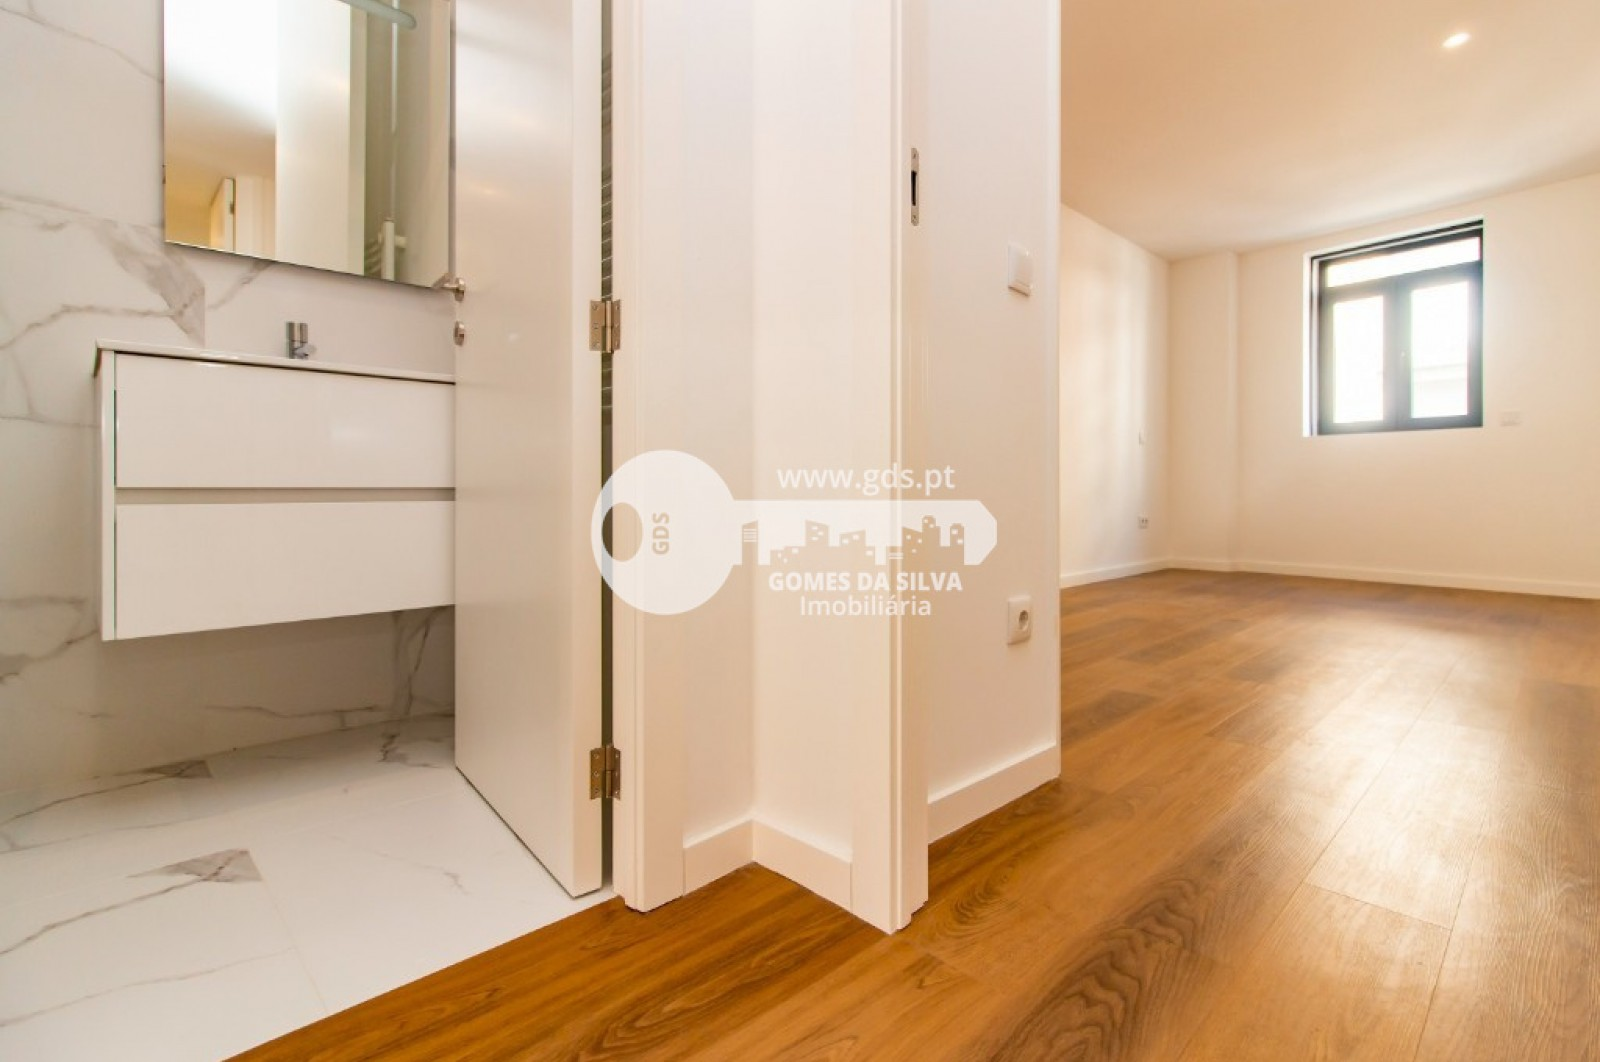 Apartamento T3 para Venda em São Vicente, Braga, Braga - Imagem 21